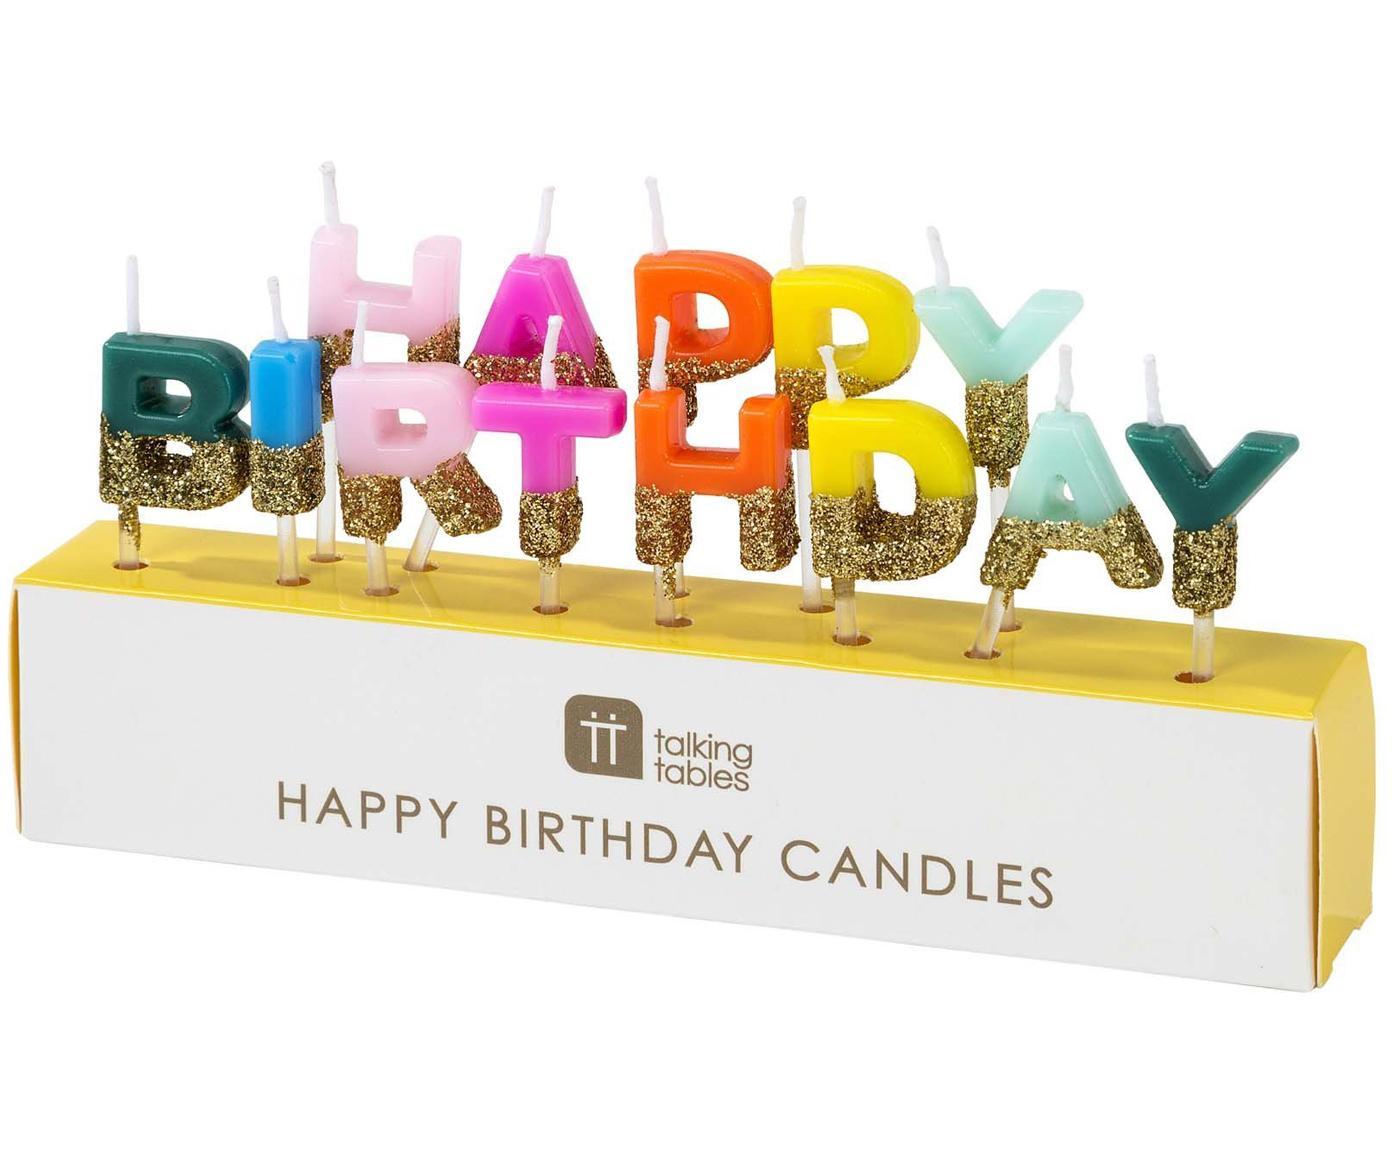 Candele Happy Birthday, 95% cera paraffinica, 5% cera di soia, Multicolore con glitter, Larg. 17 x Alt. 11 cm